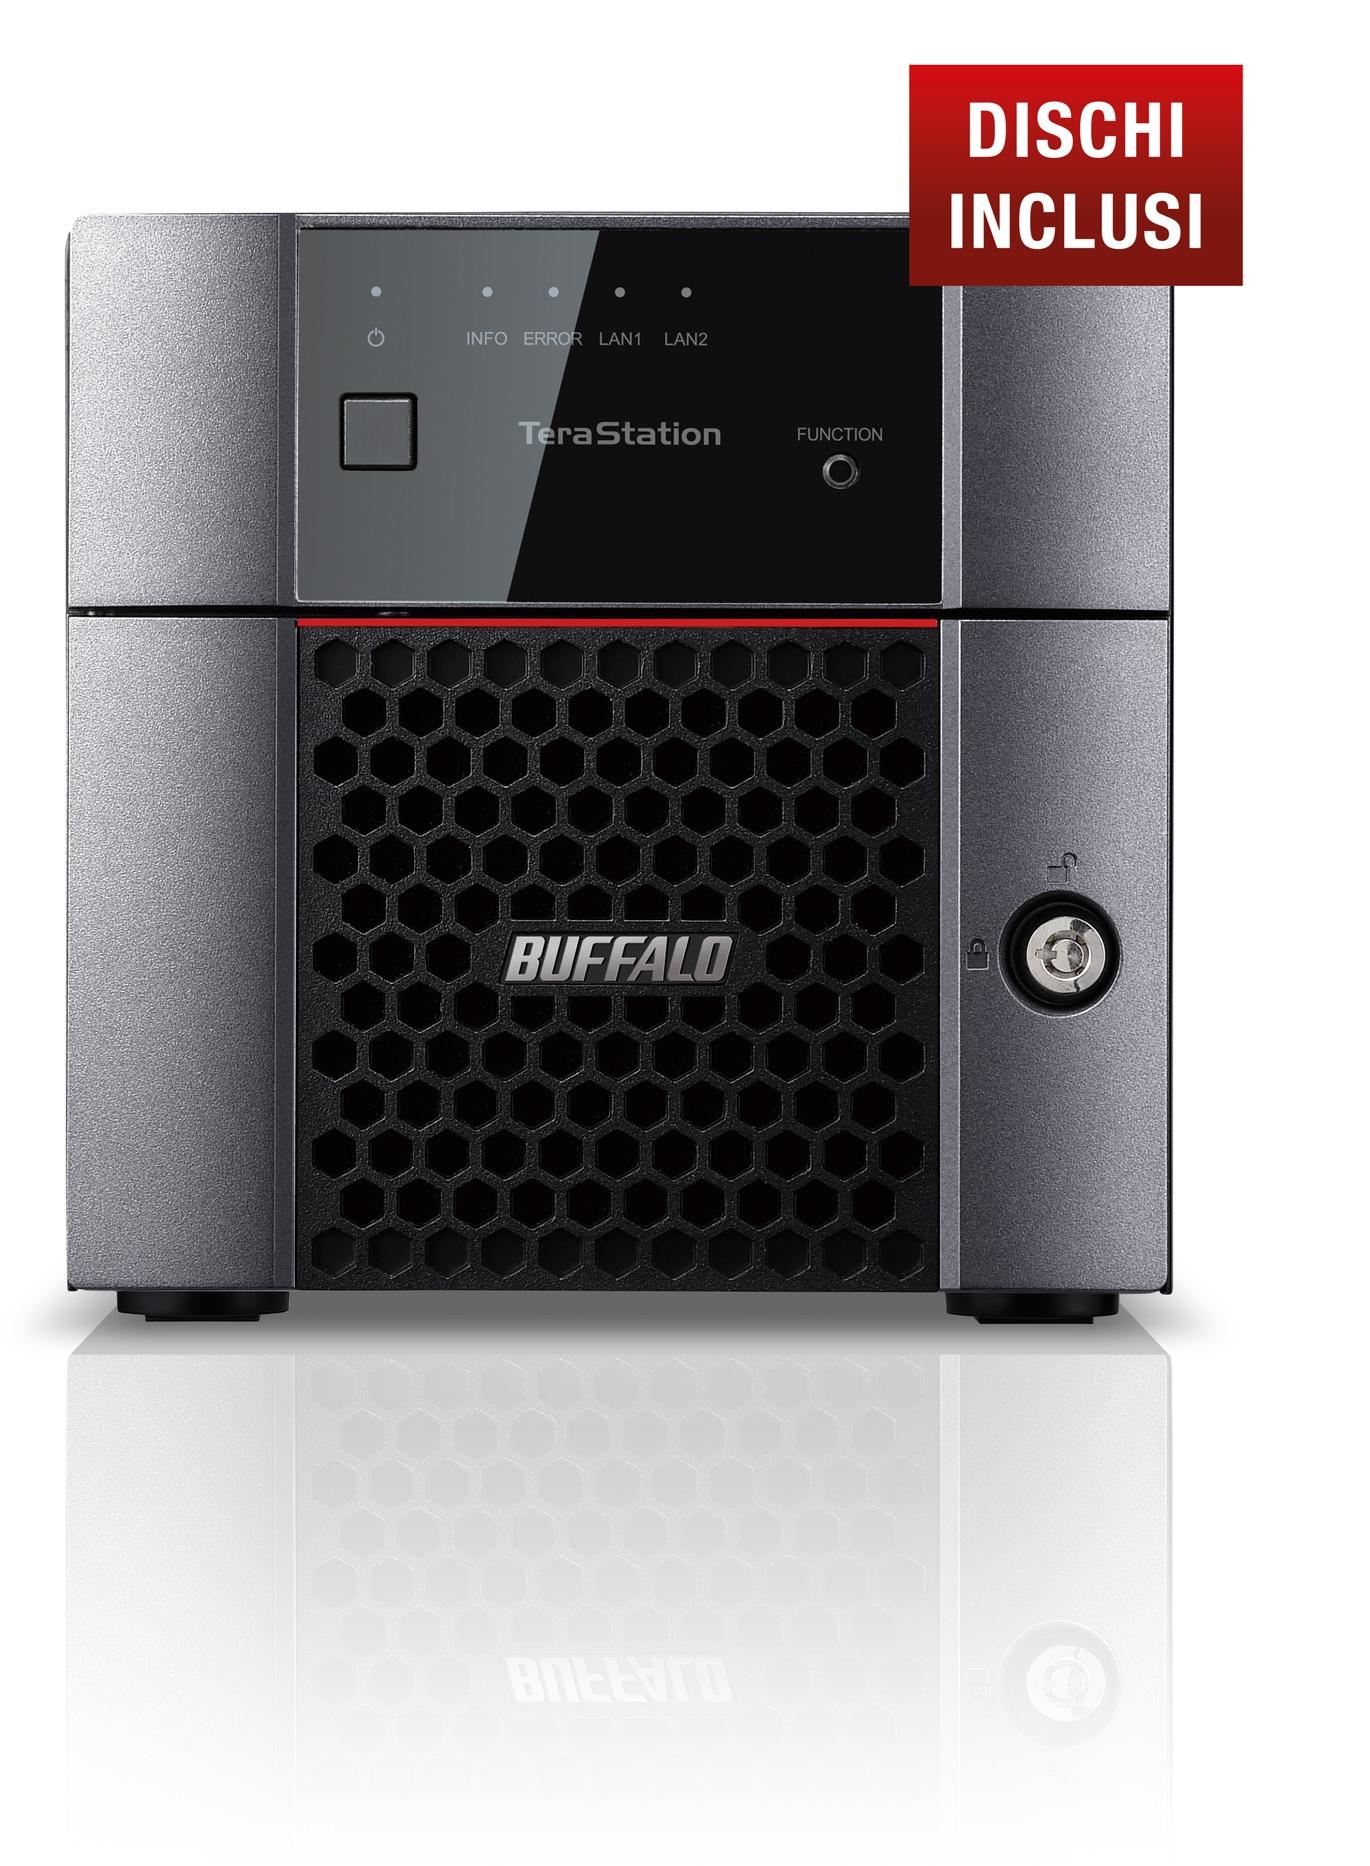 BUFFALO NAS TERASTATION 3210 DESKTOP 2X1TB HDD SATA GIGABIT ETHERNET USB2.0 E 3.0 1,40GHZ 1GB RAM DDR3